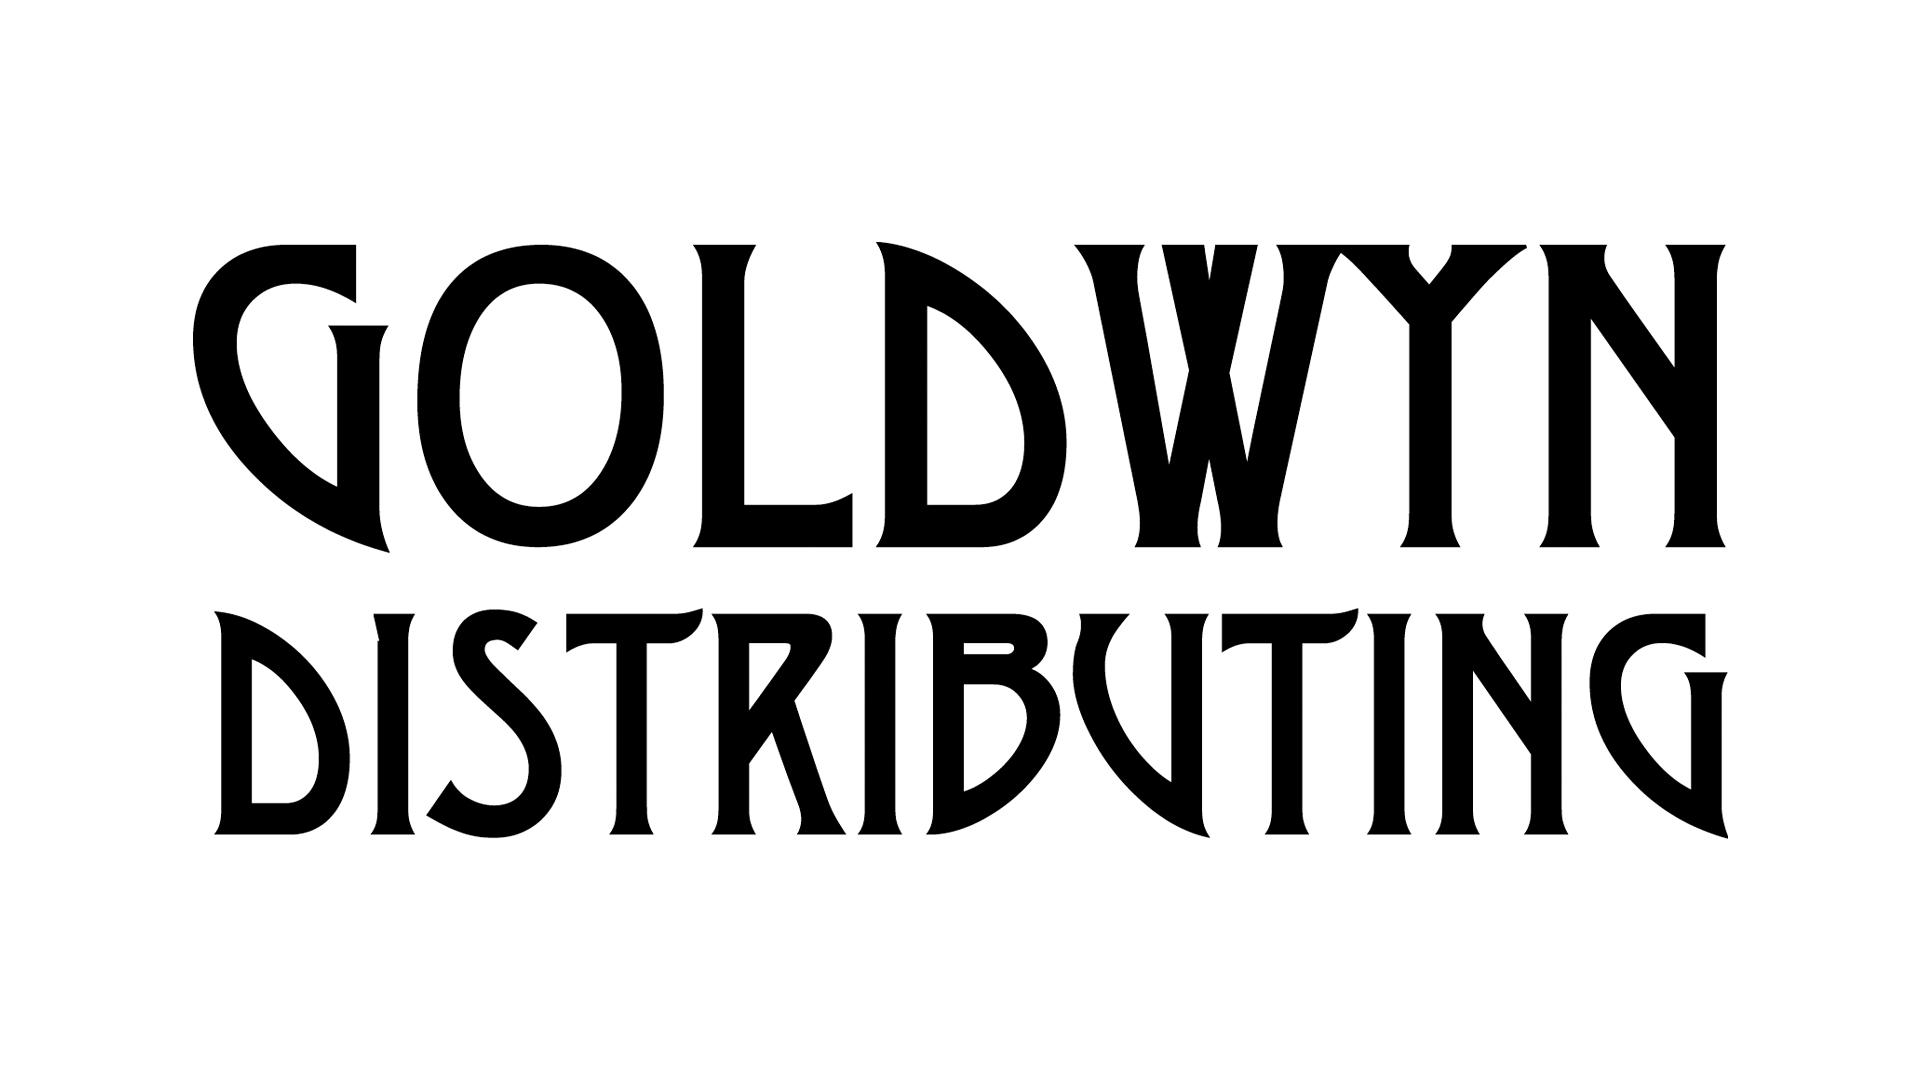 goldwyn.jpg